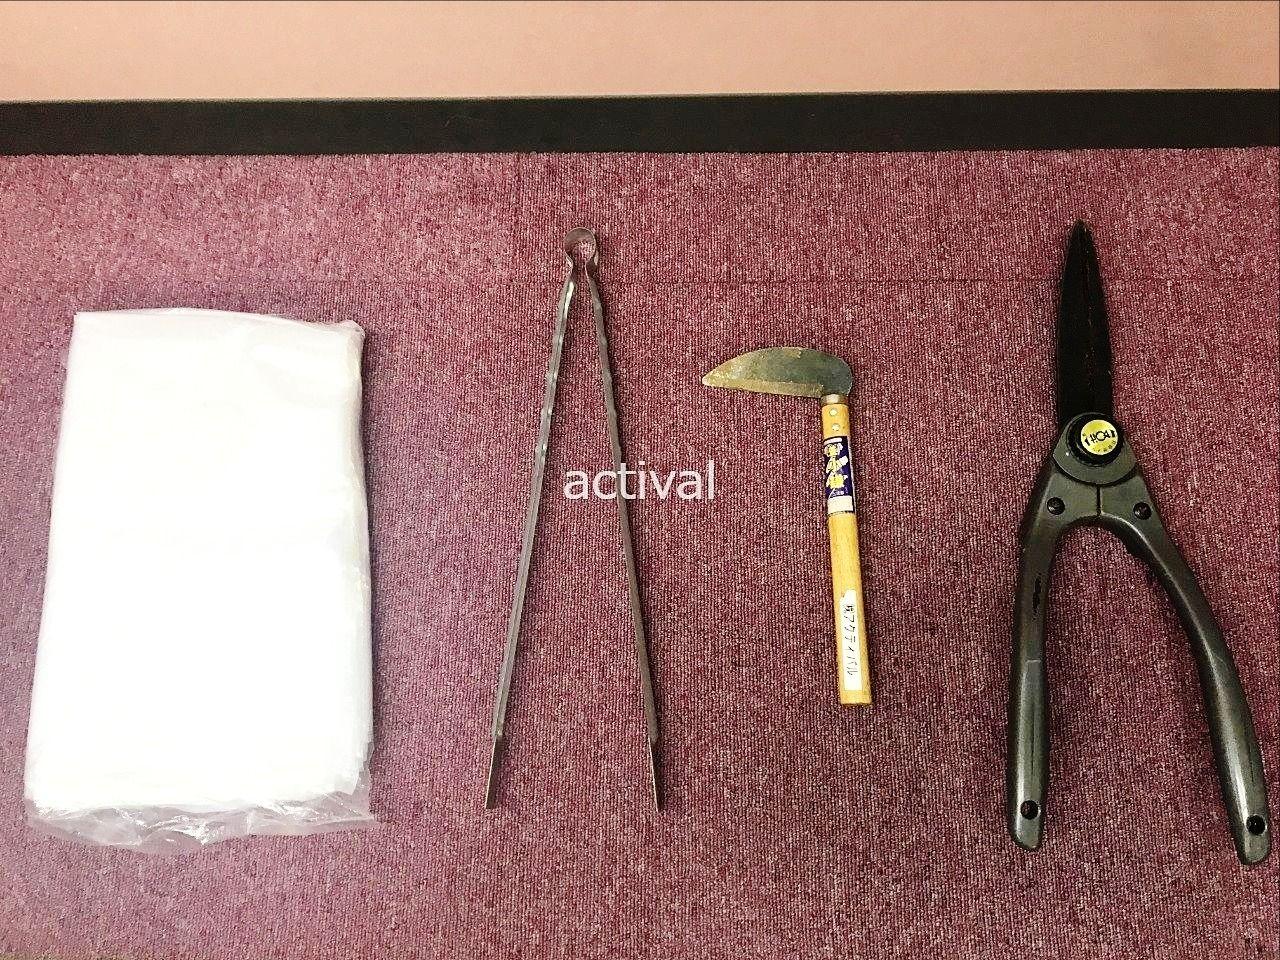 当社で使っている除草作業道具のゴミ袋・トング・鎌・枝切りバサミです。